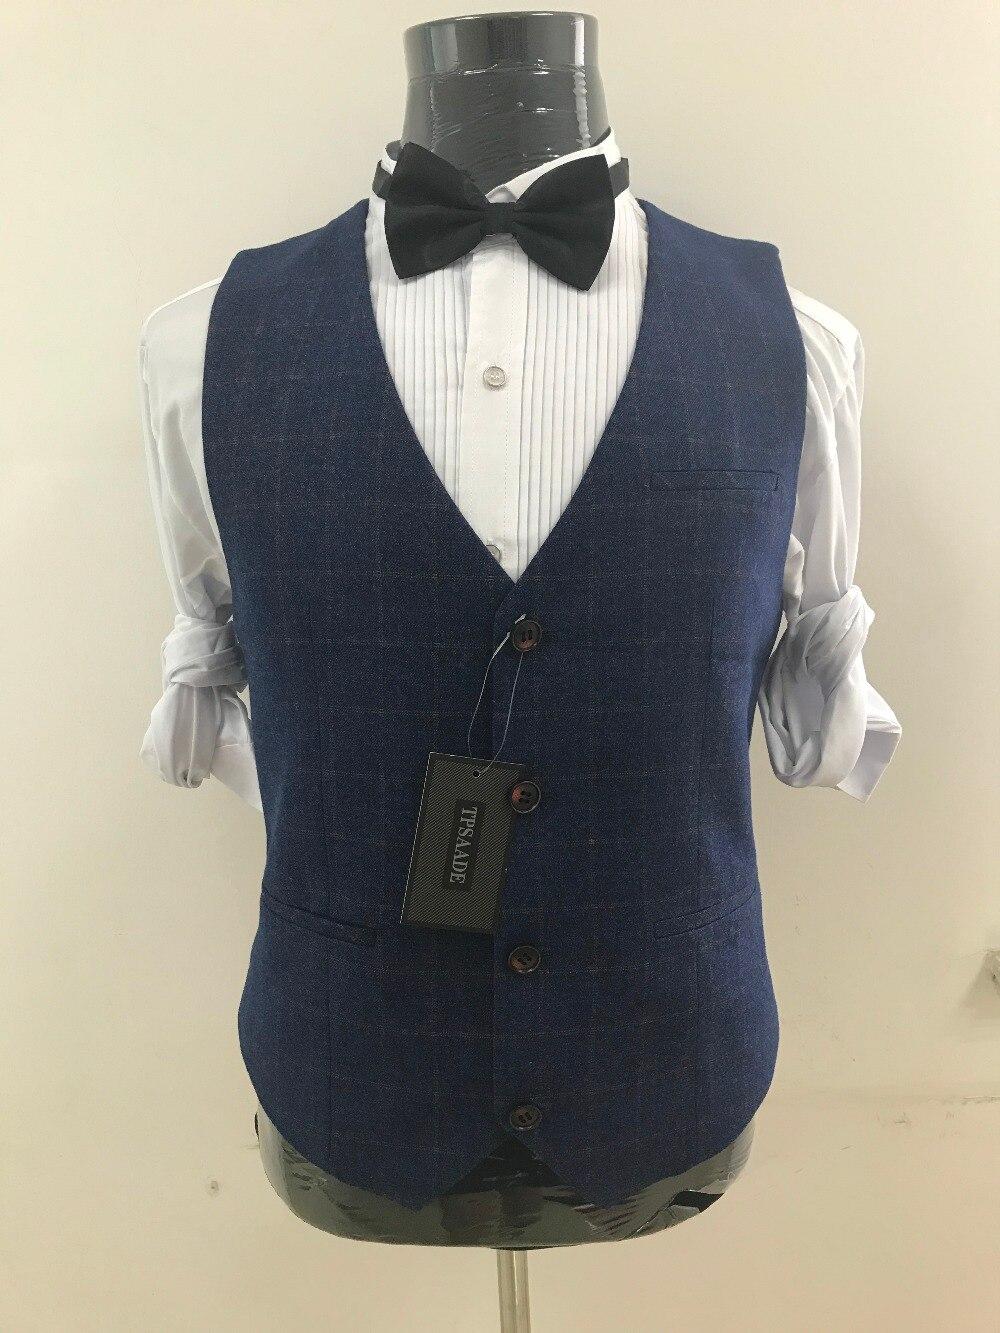 Latest Coat Pant Designs Plaid Suit Nothed Lapel Custom Tuxedo suit Groom Men Suits 3 Pieces Slim Fit Terno Jacket+Pants+Vest